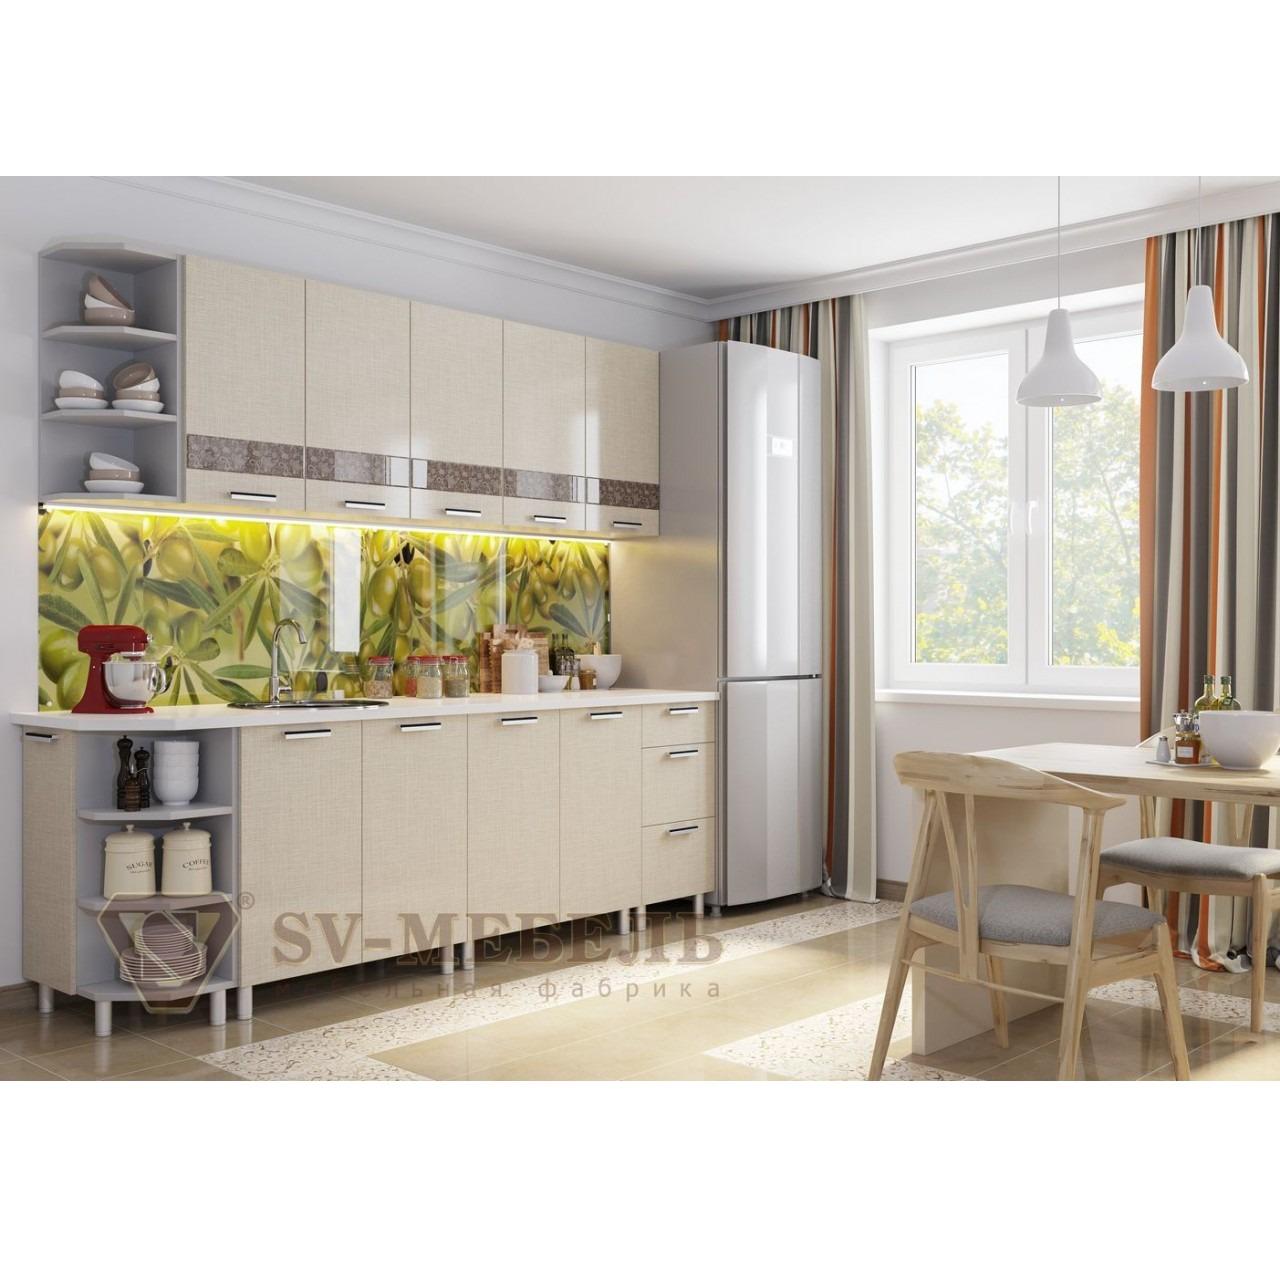 SV кухня лен